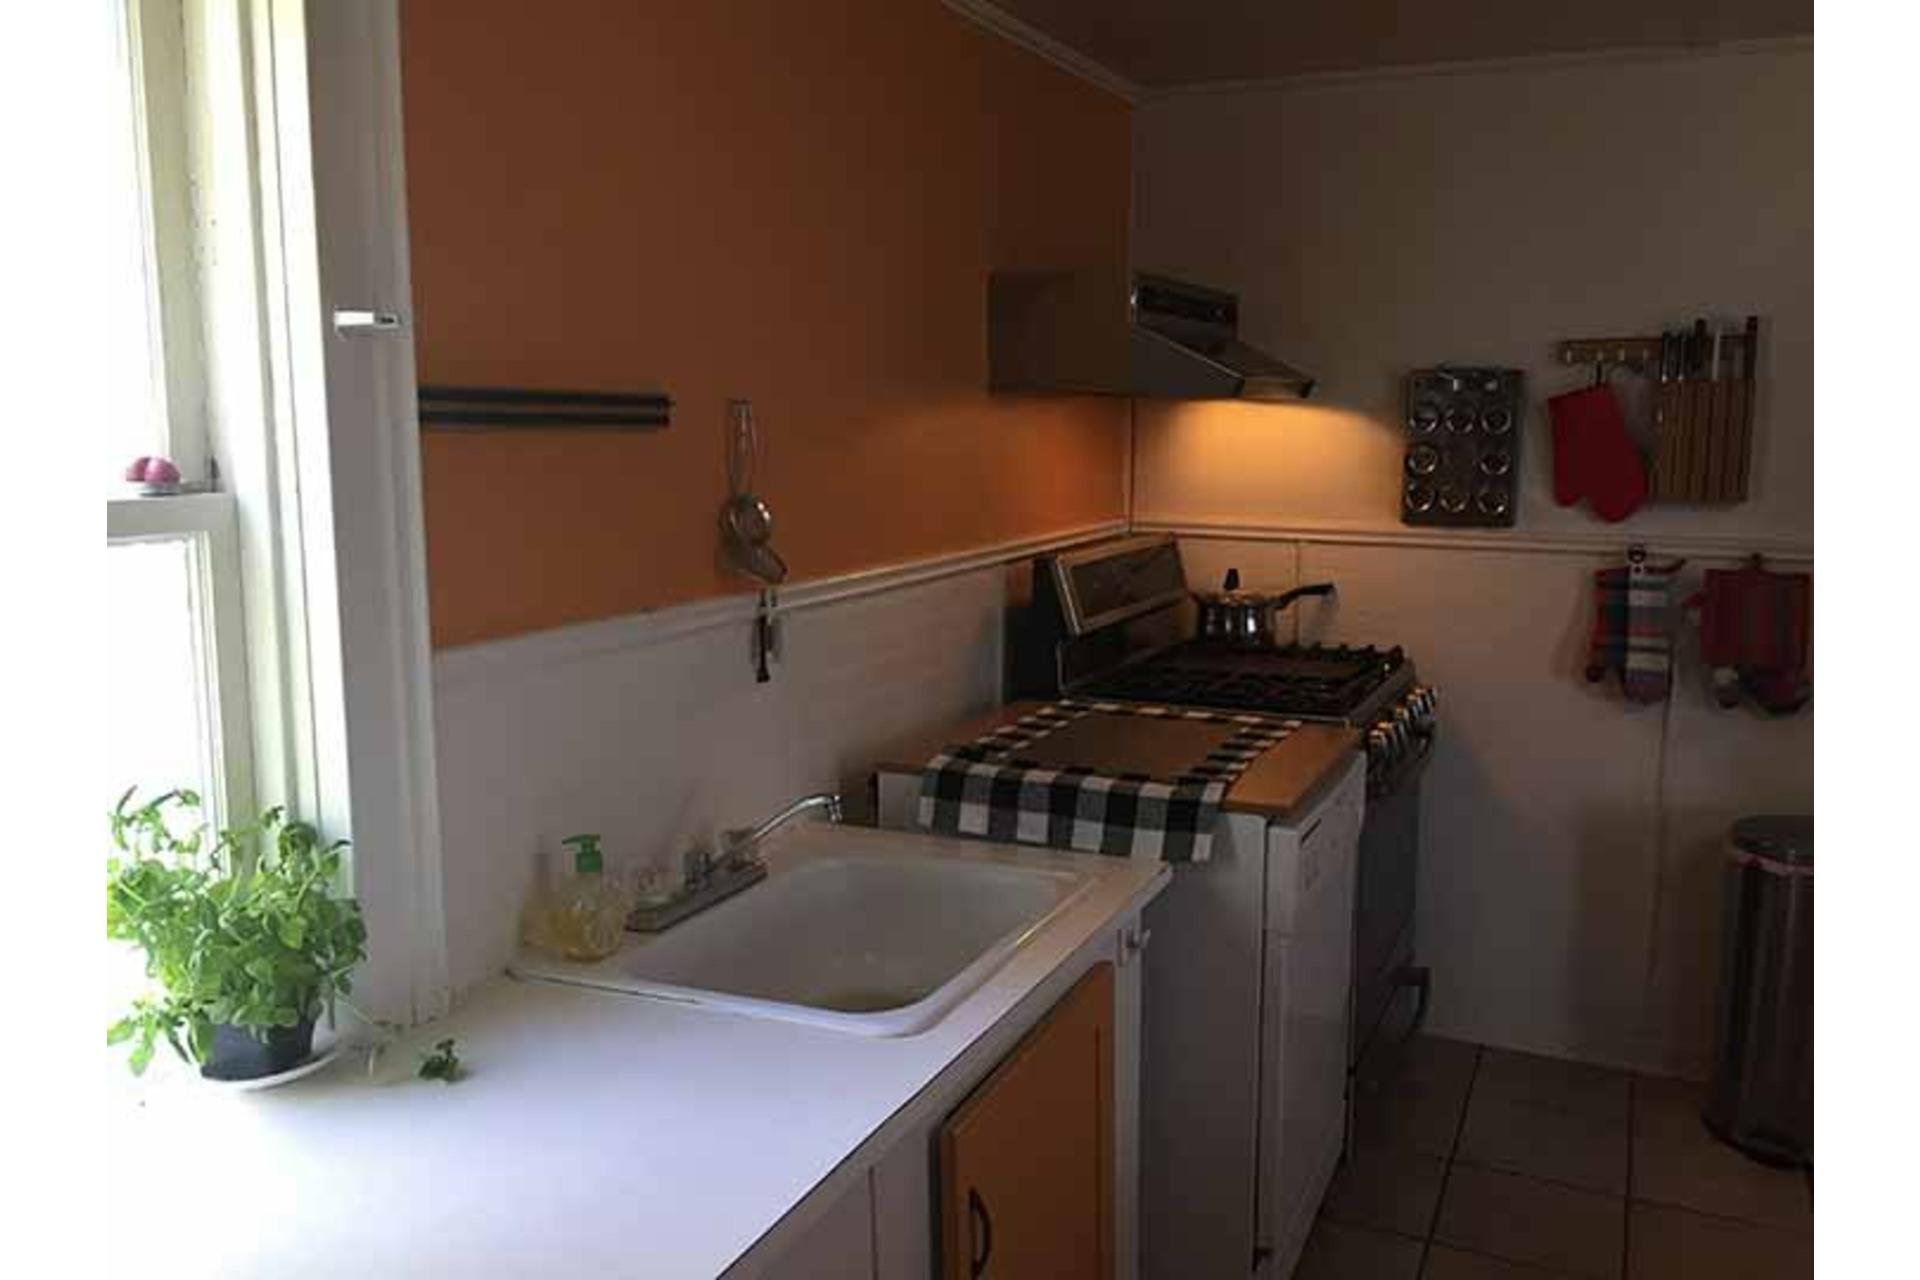 image 15 - Maison À vendre Saint-Georges-de-Clarenceville - 14 pièces